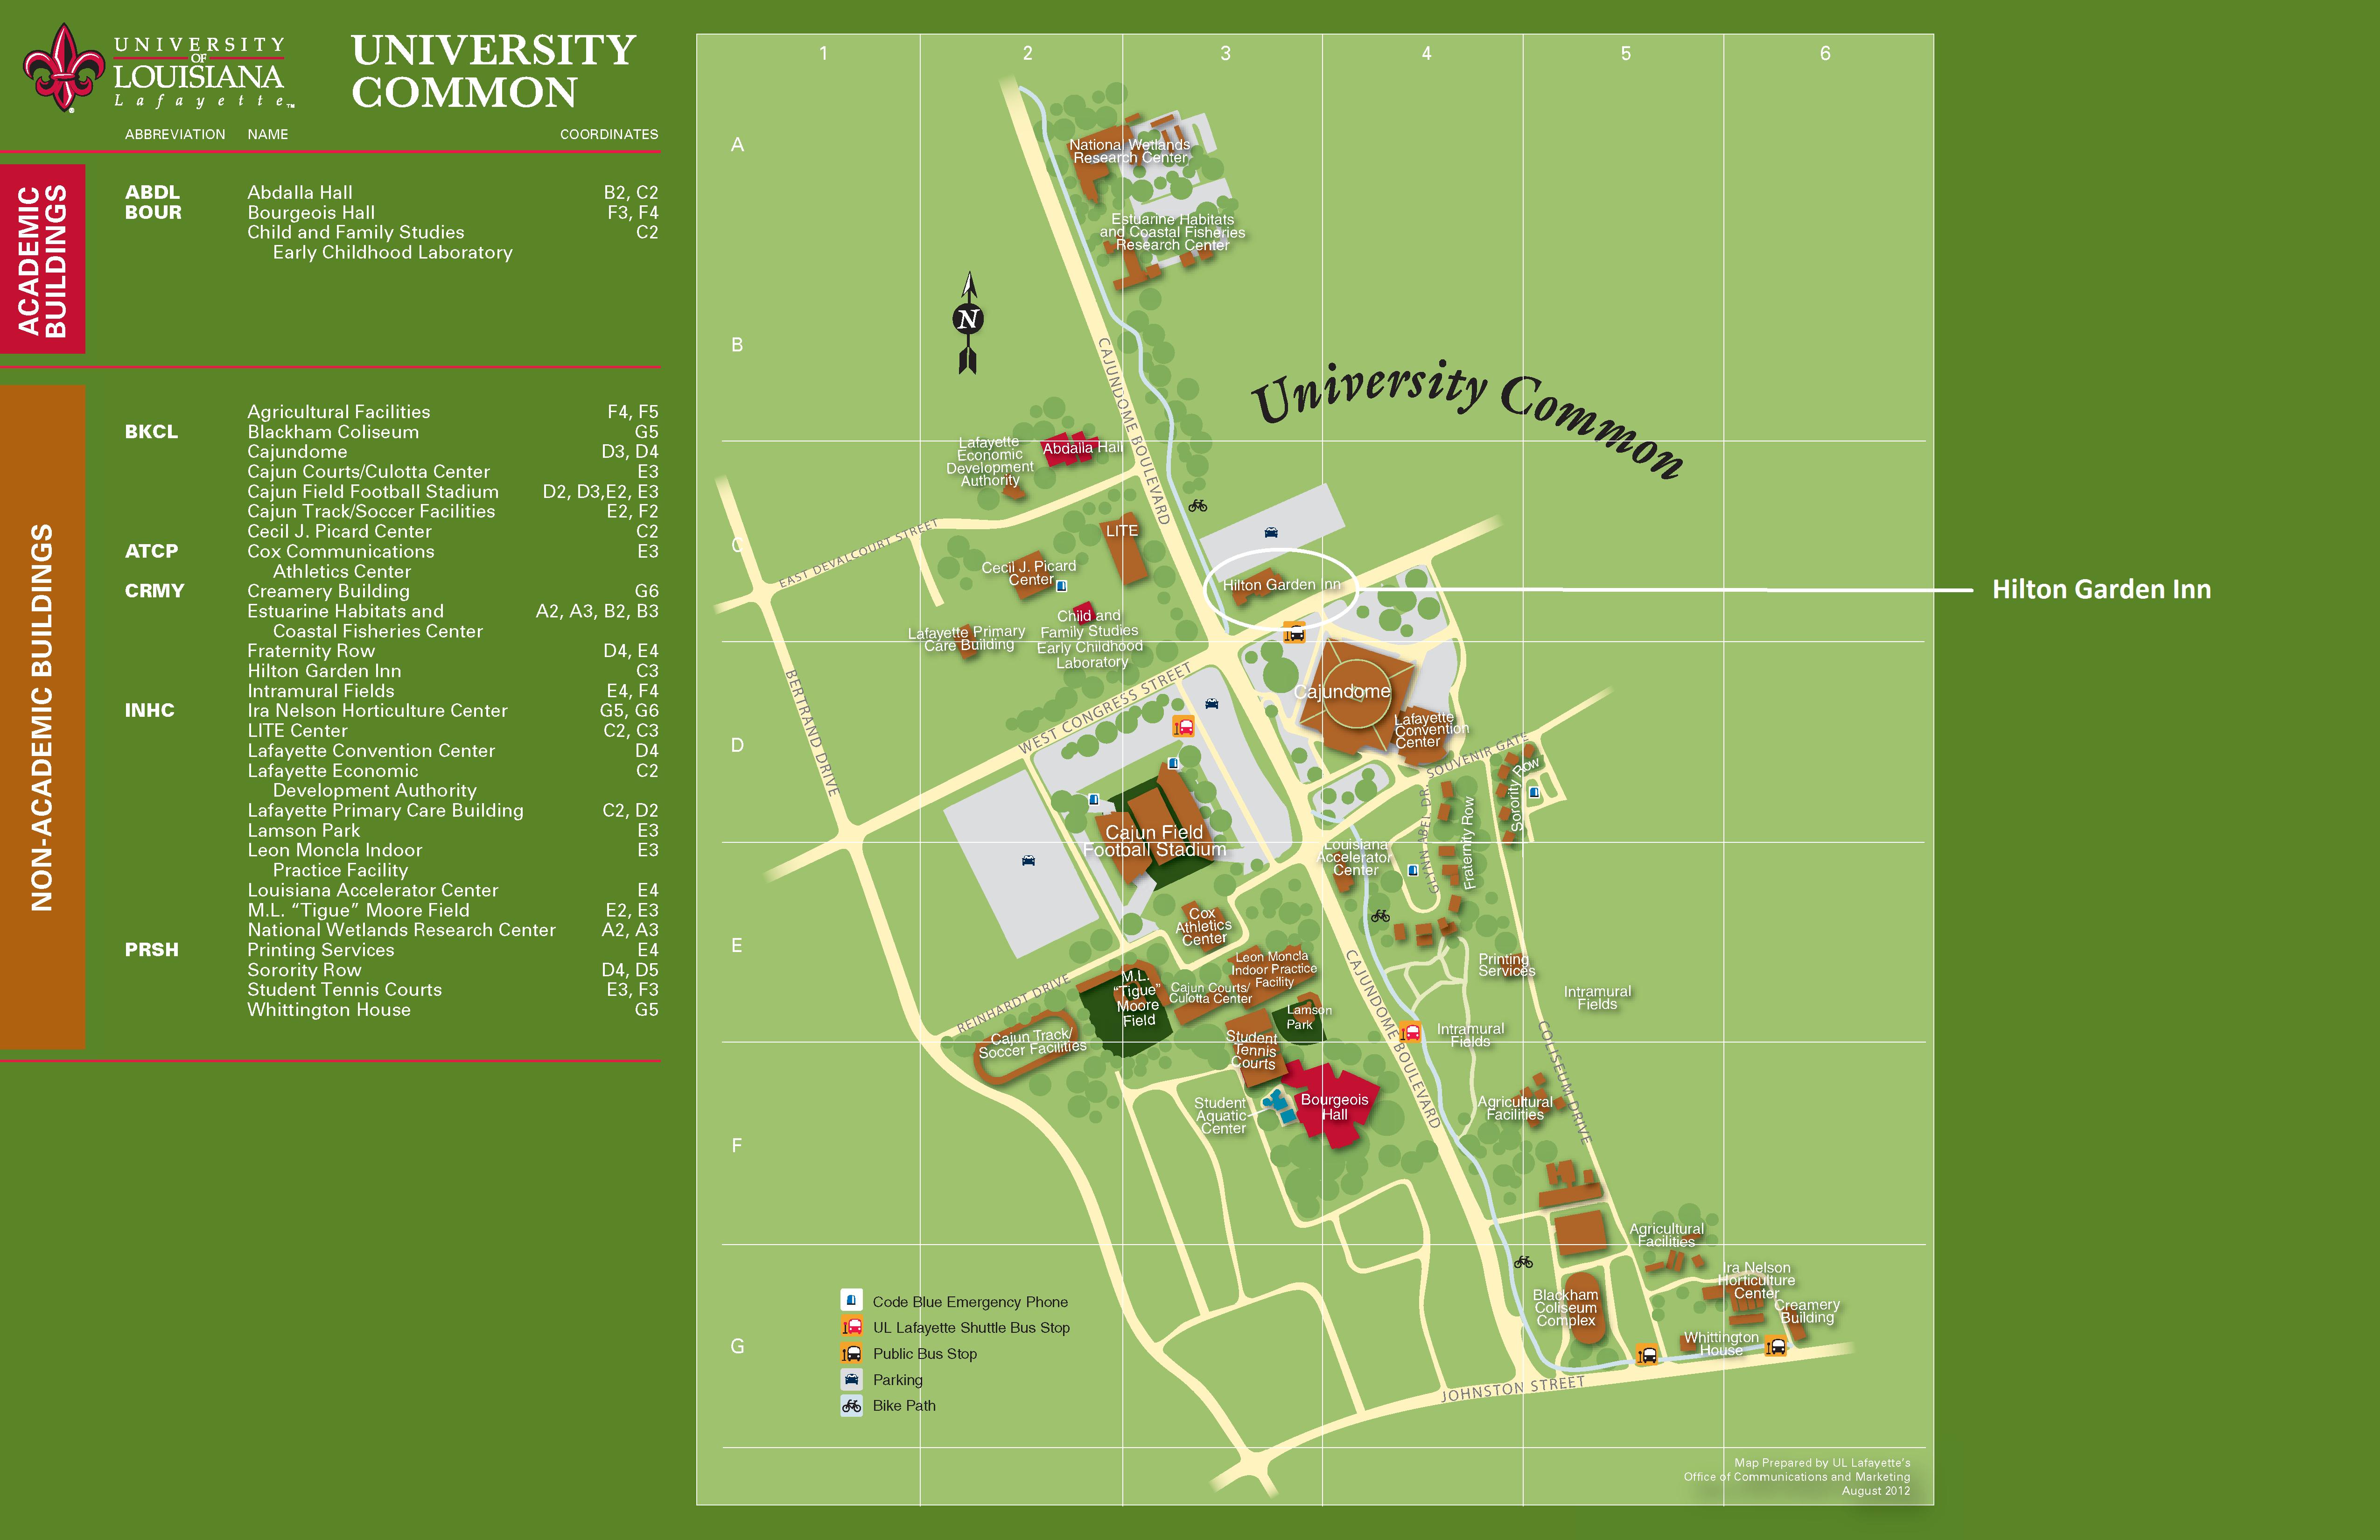 map of university of louisiana at lafayette Ul Campus Map Lafayette map of university of louisiana at lafayette